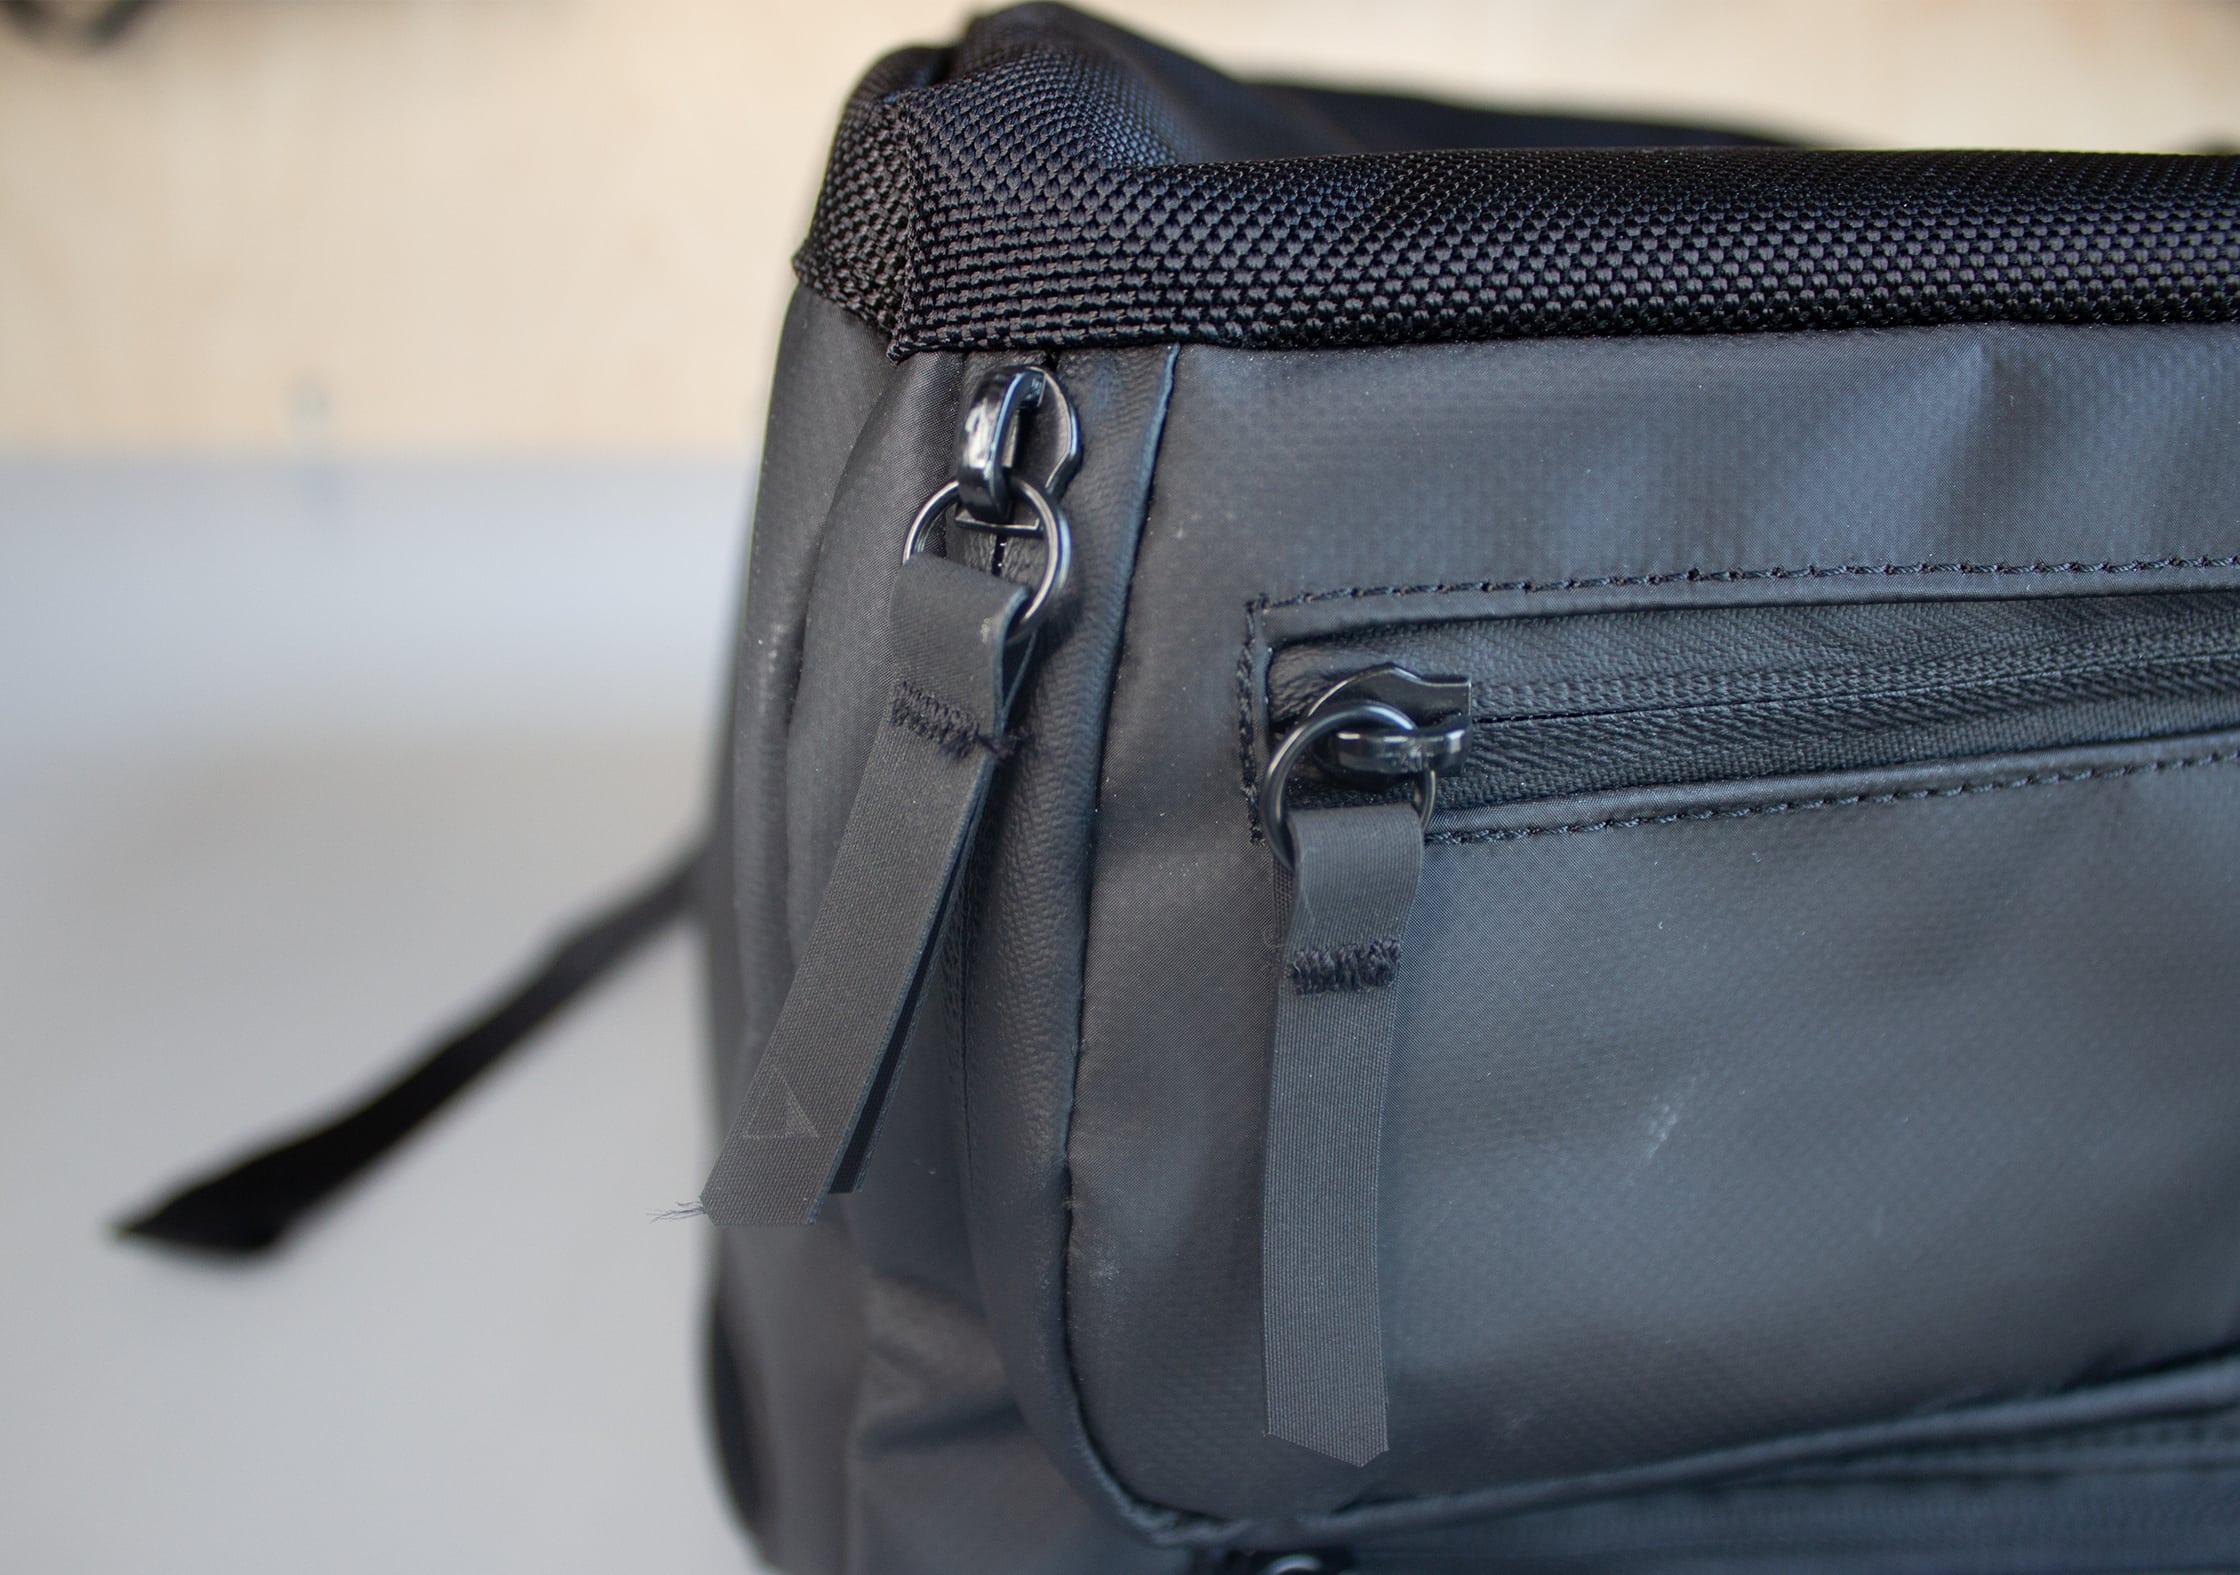 NOMATIC Travel Bag Zipper Pulls